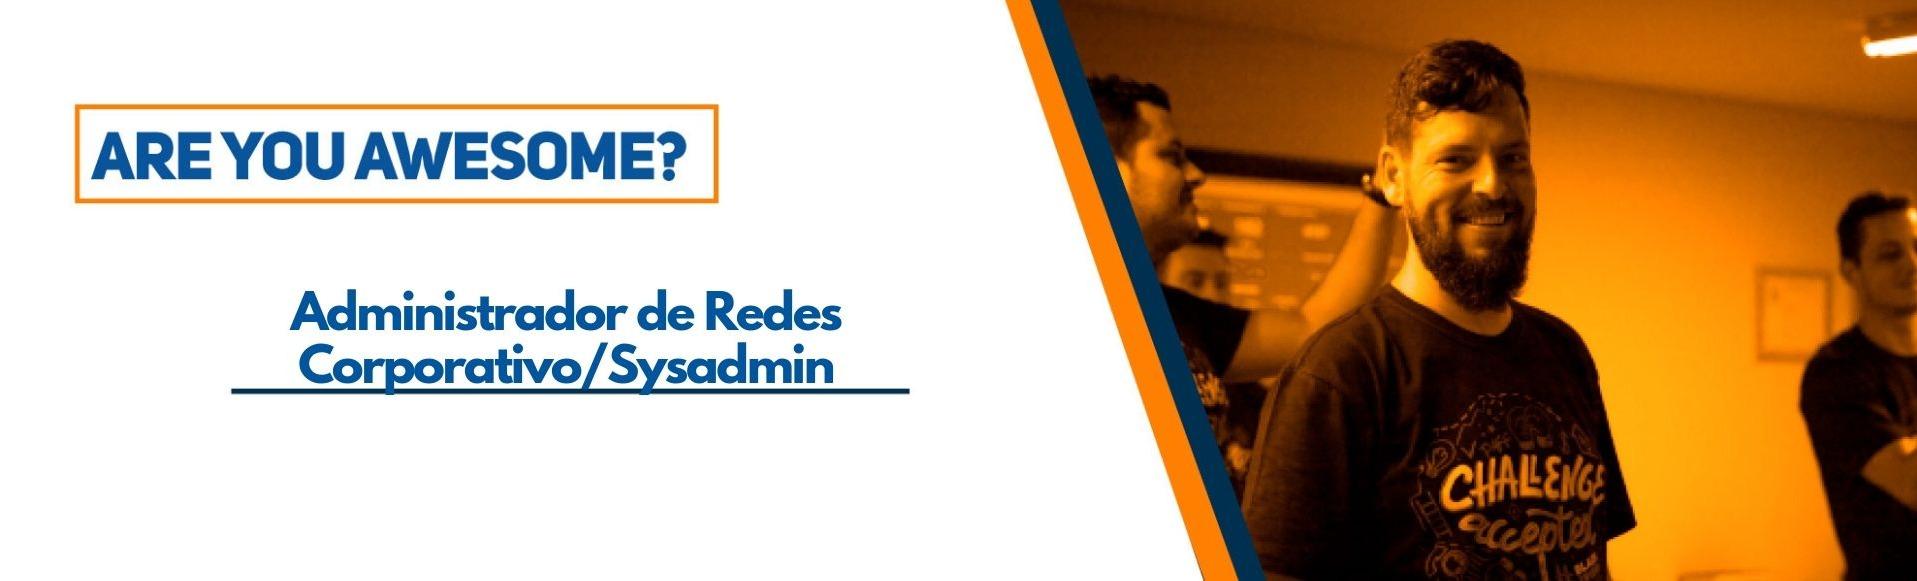 Administrador de Redes Corporativo/Sysadmin